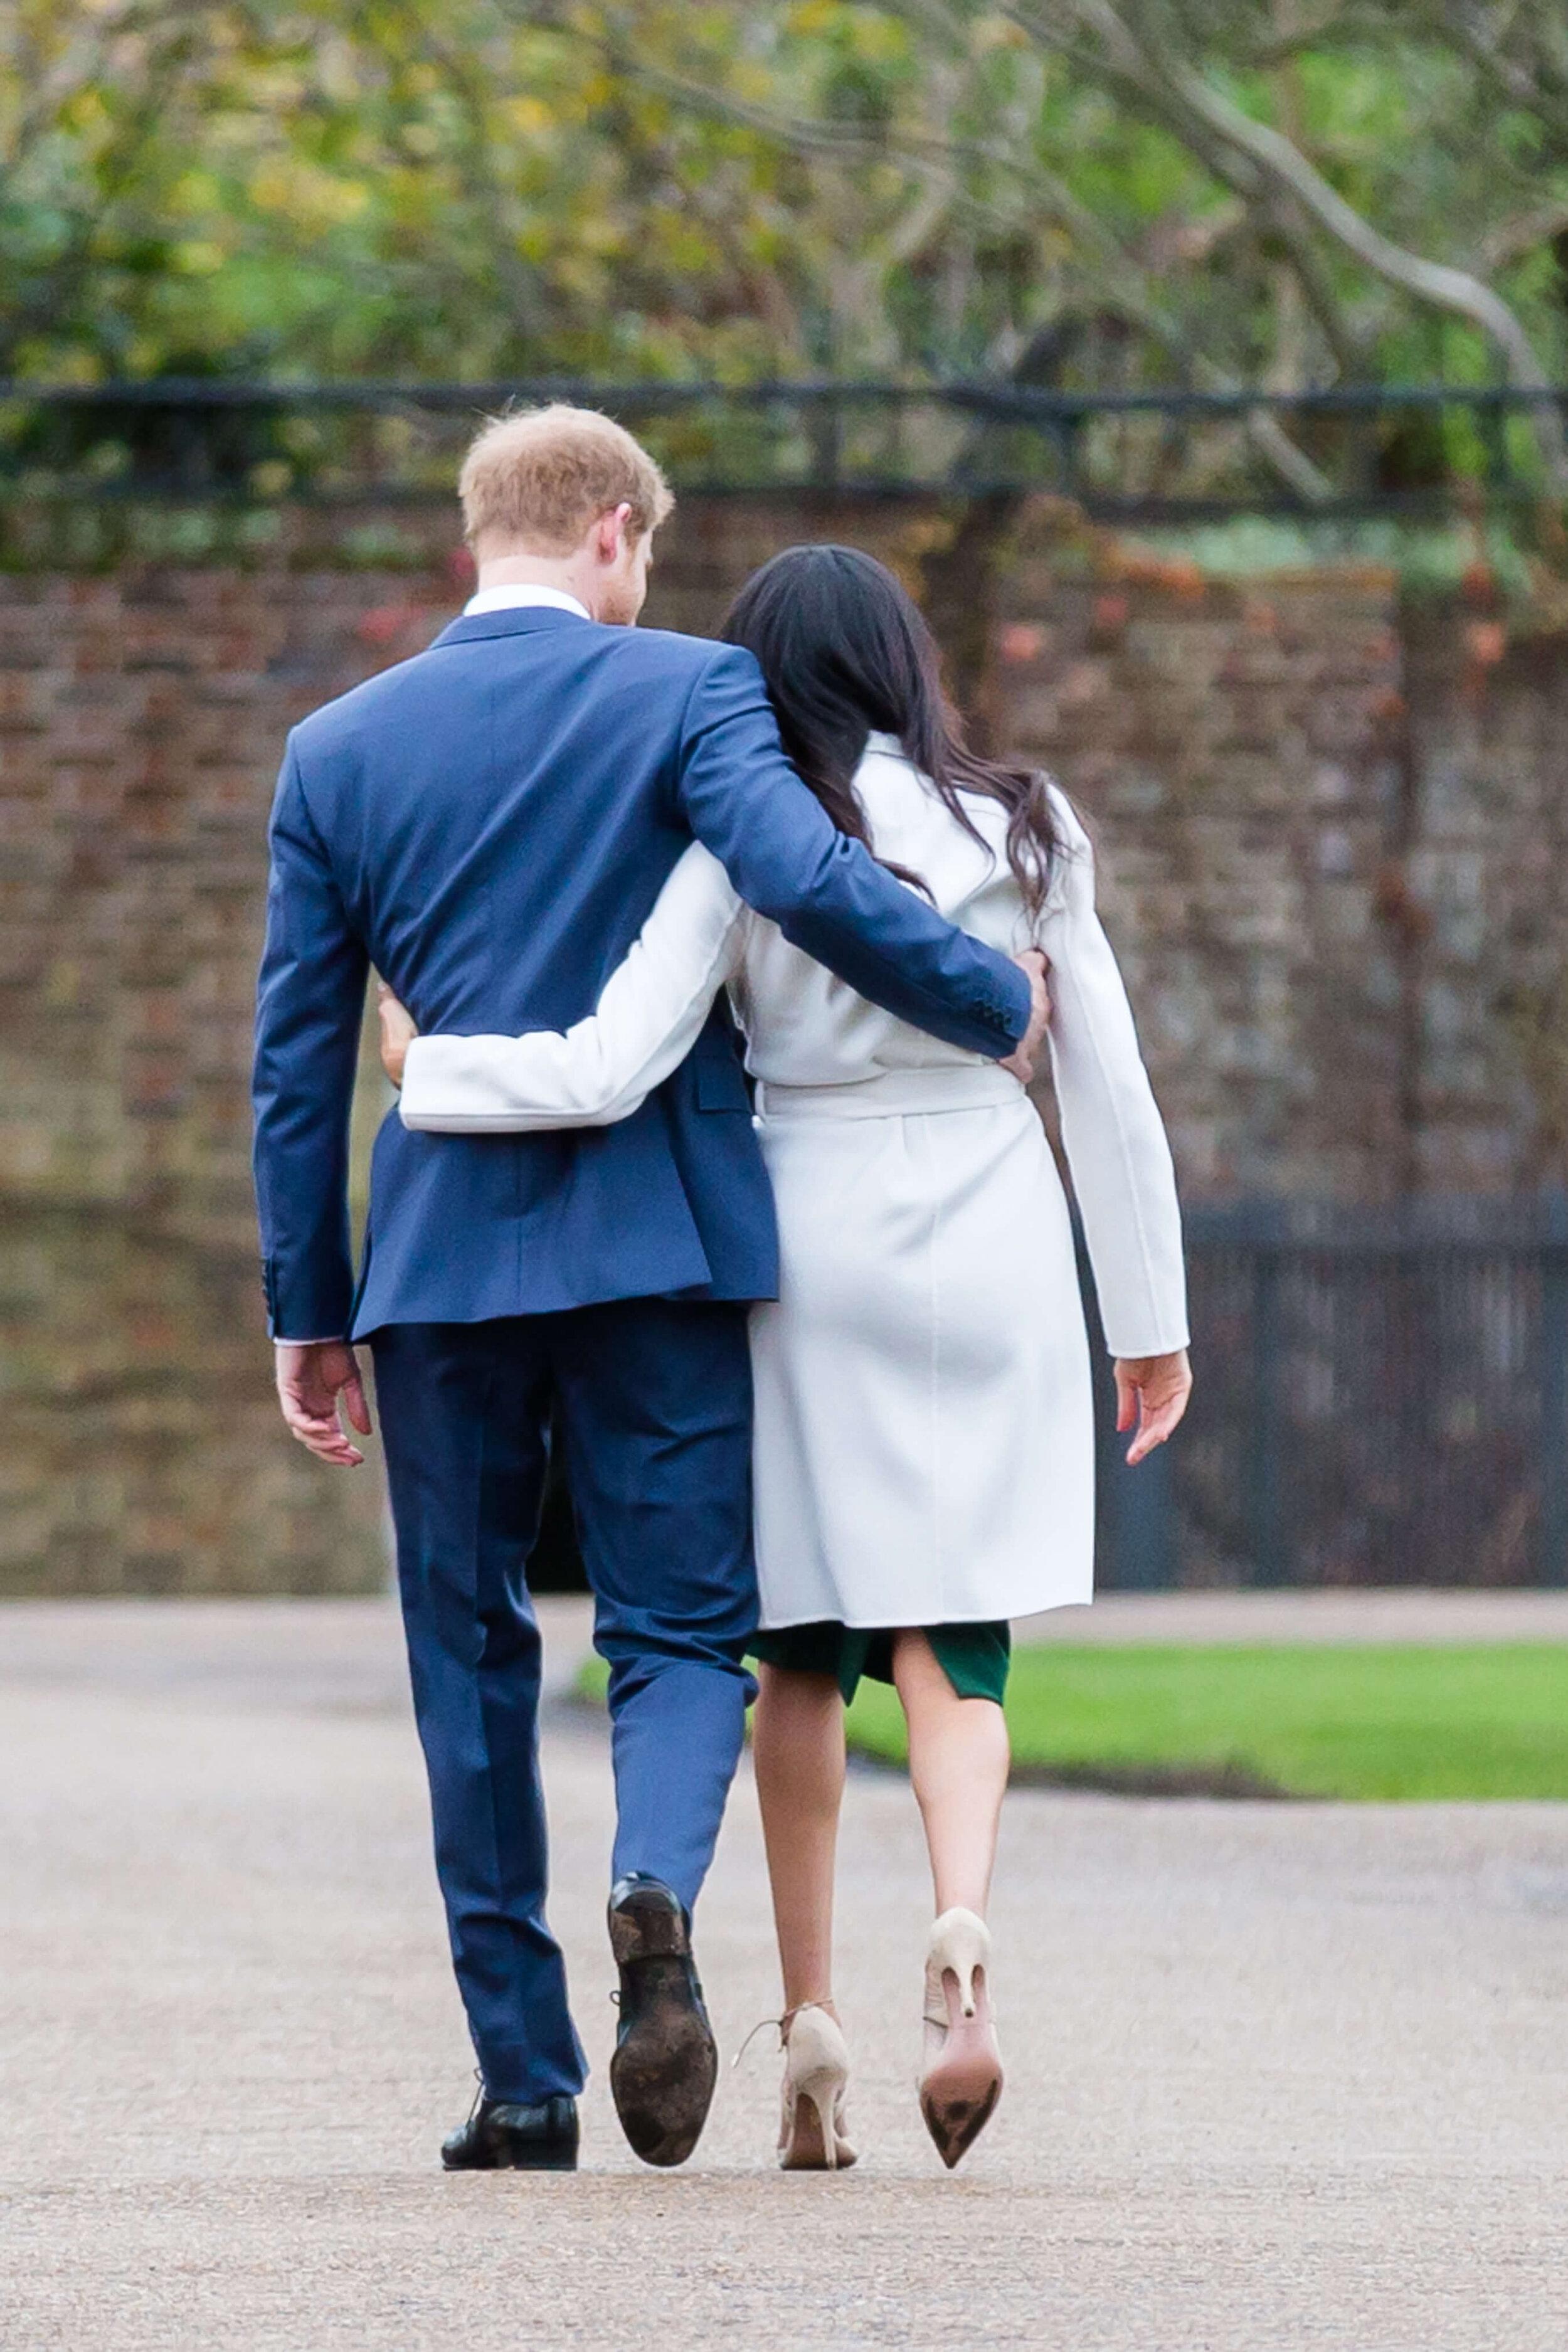 Prinz Harry und Herzogin Meghan kehren der Königsfamilie den Rücken zu. Sie werden künftig keine Senior-Royals mehr sein, deren Hauptaufgabe es ist, das Königshaus zu vertreten.  © picture alliance / Photoshot